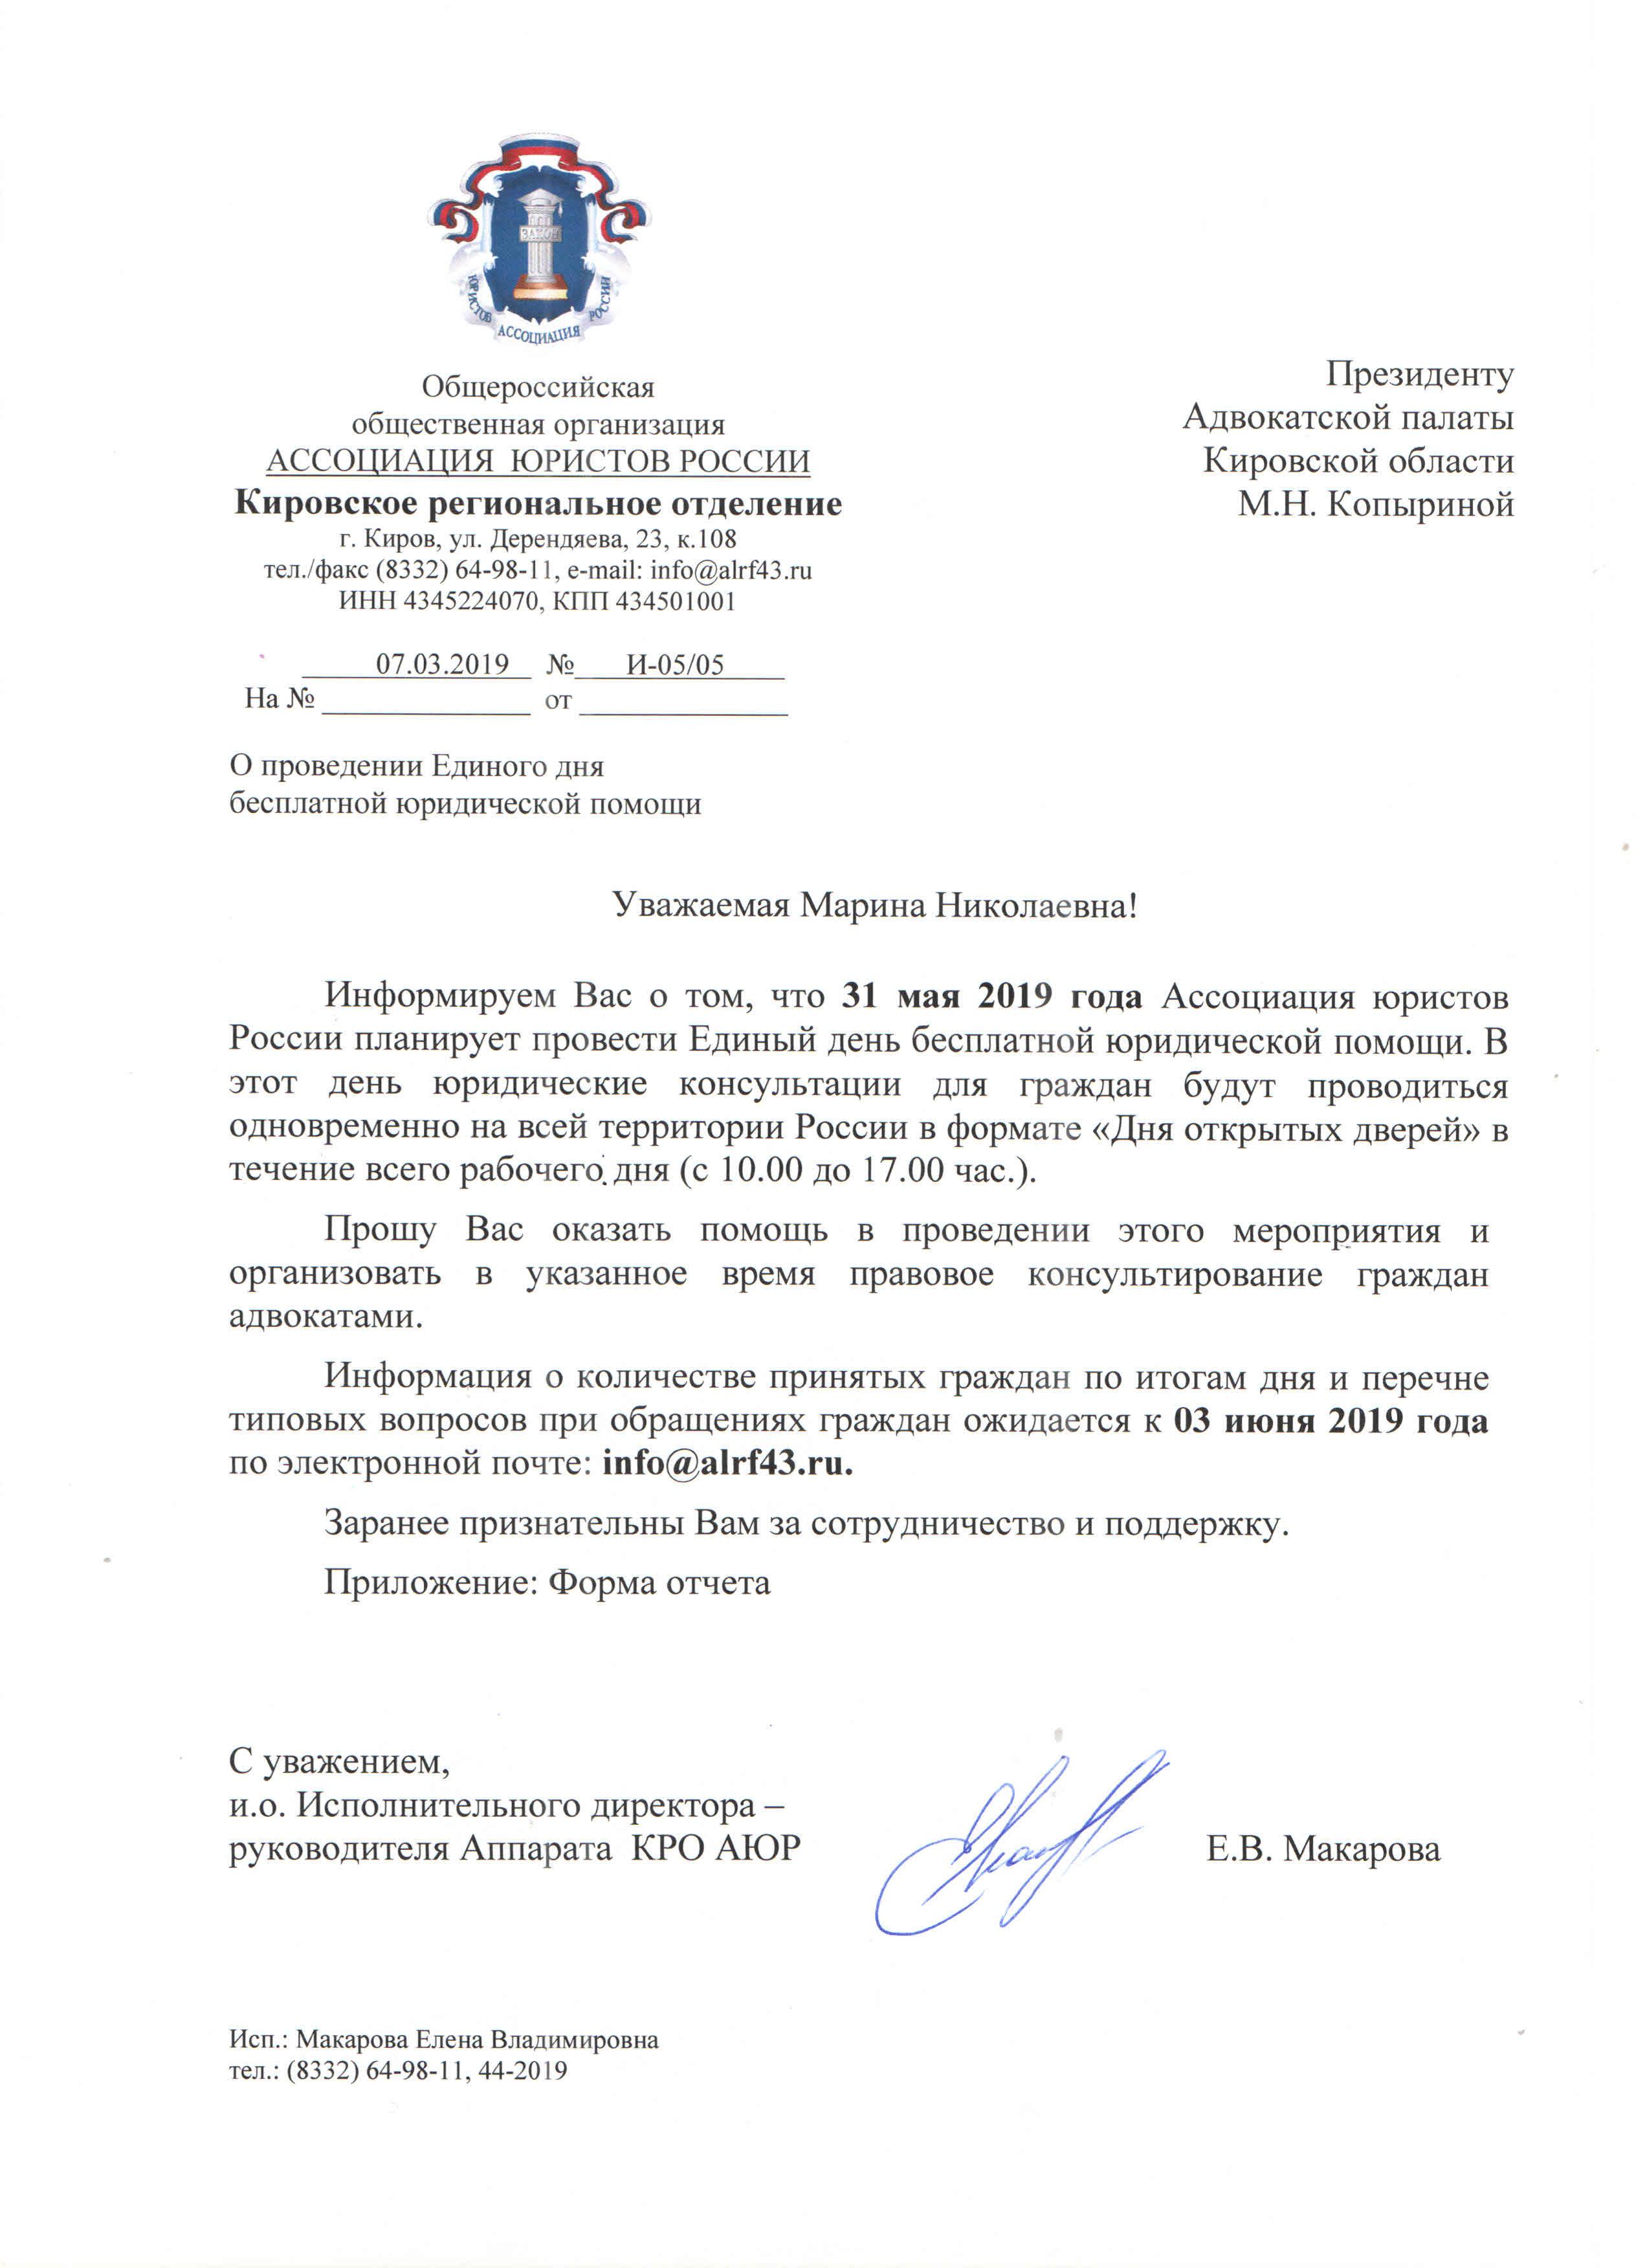 юридическая консультация киров дерендяева 23